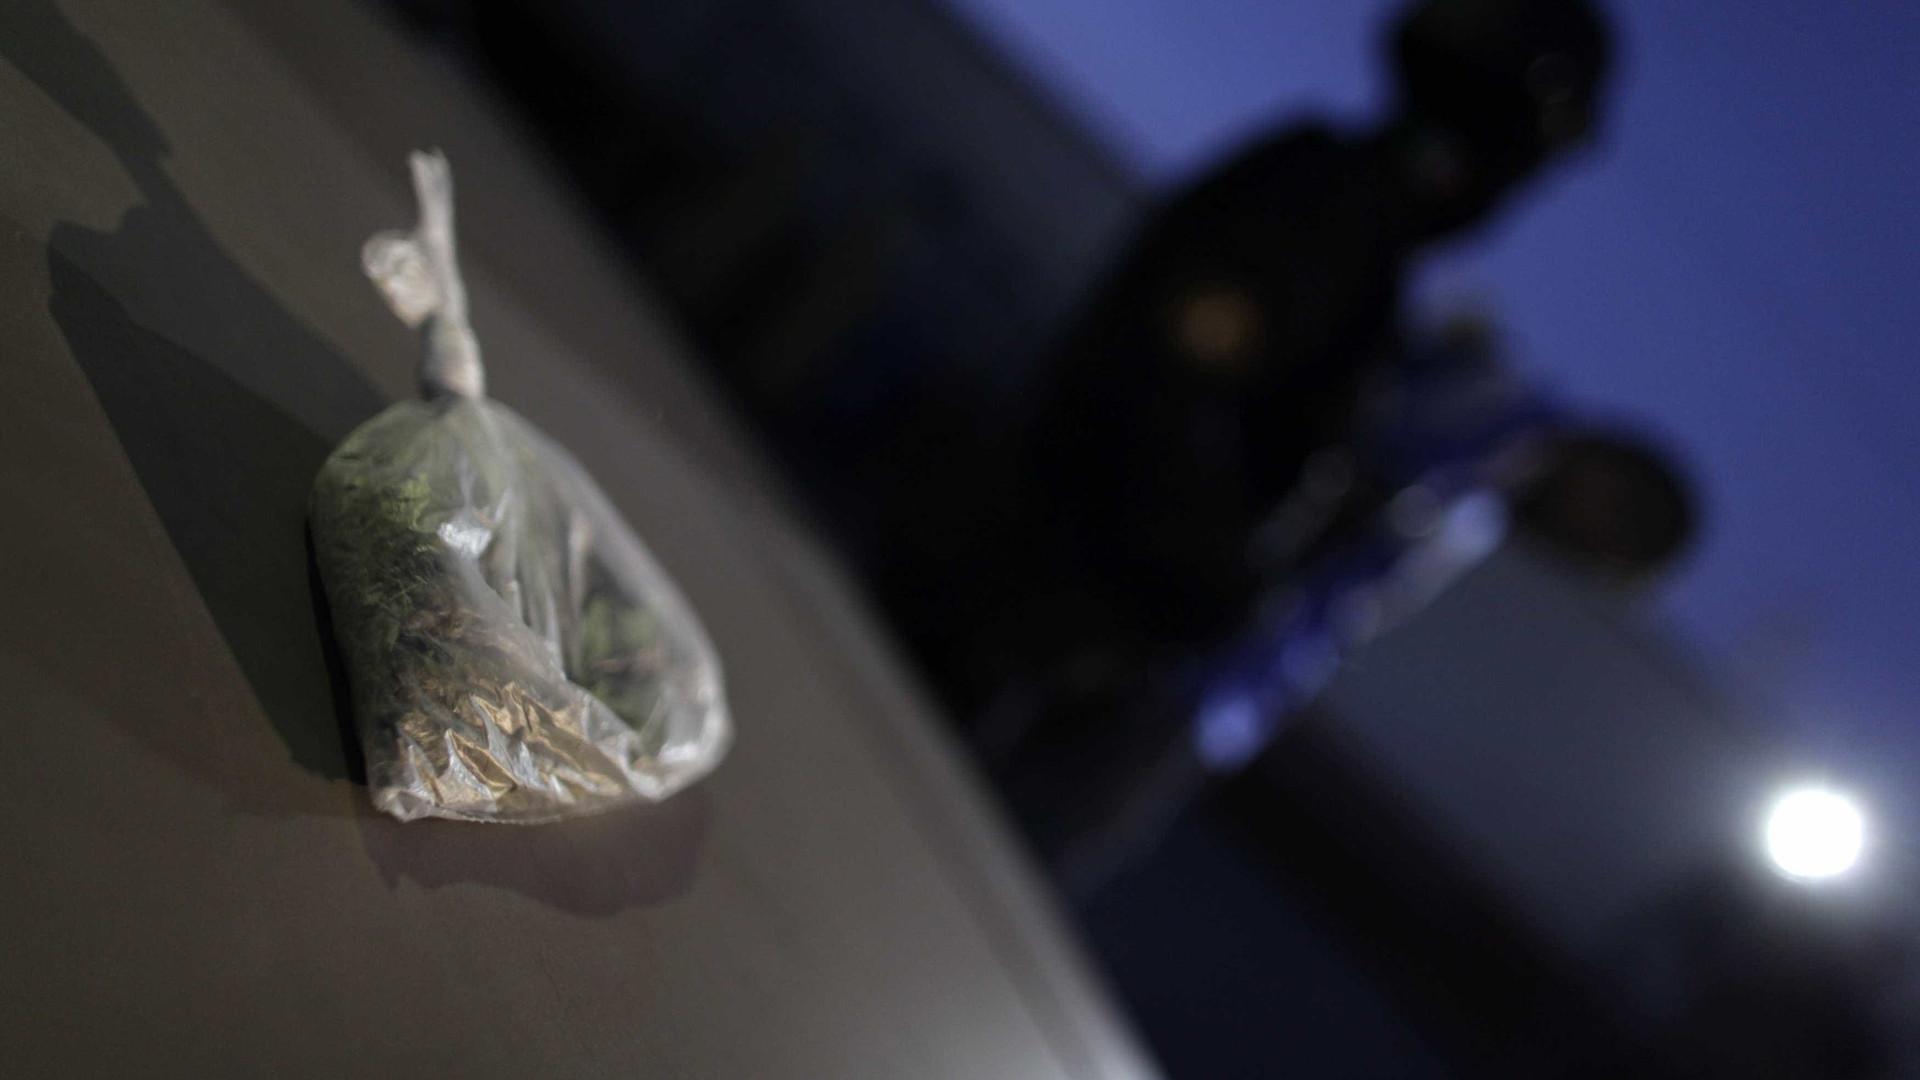 Entrega de marijuana feita ao carro errado acaba com traficante detido